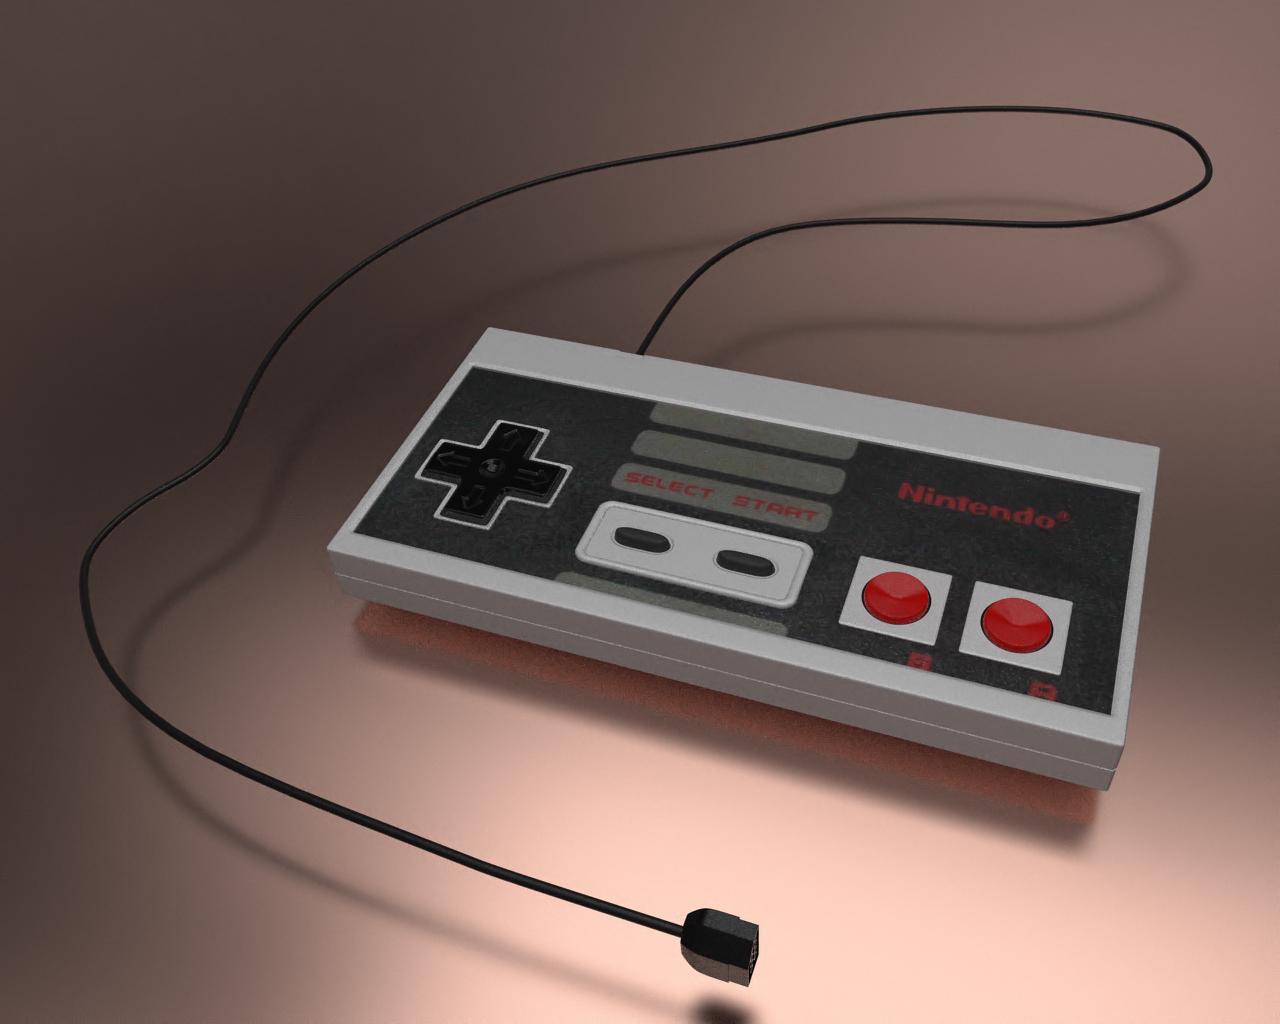 The NES Pad